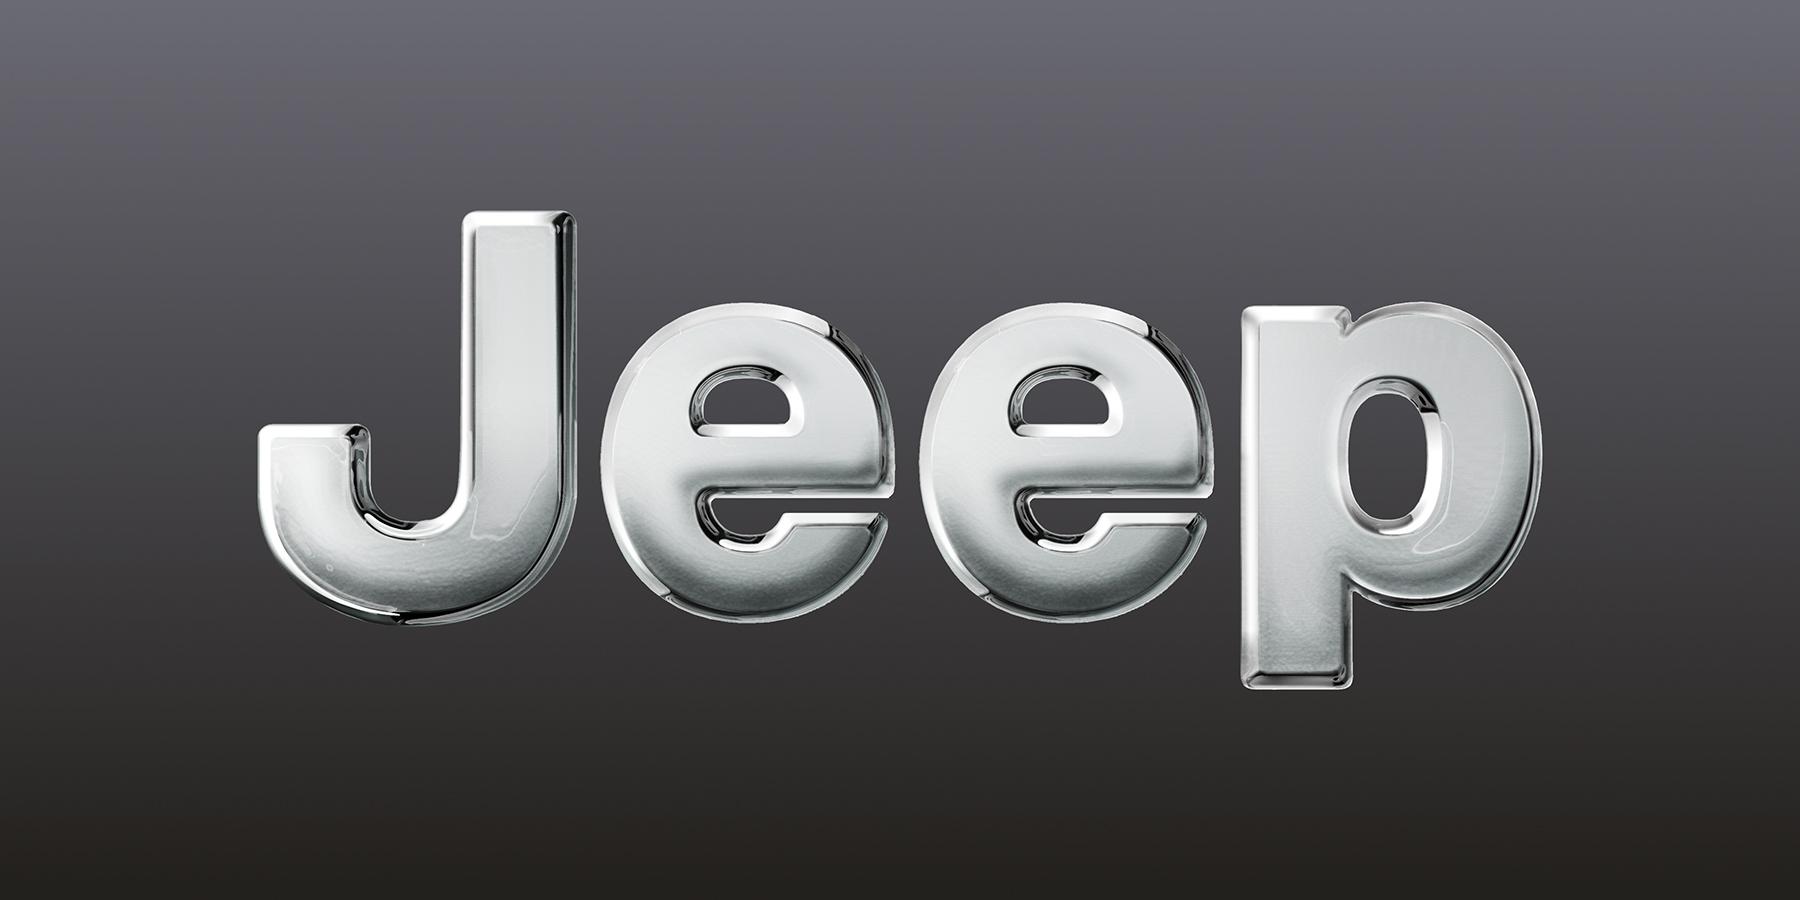 Linkaround srl – Multimedia Company | Still frame 3D logo Jeep